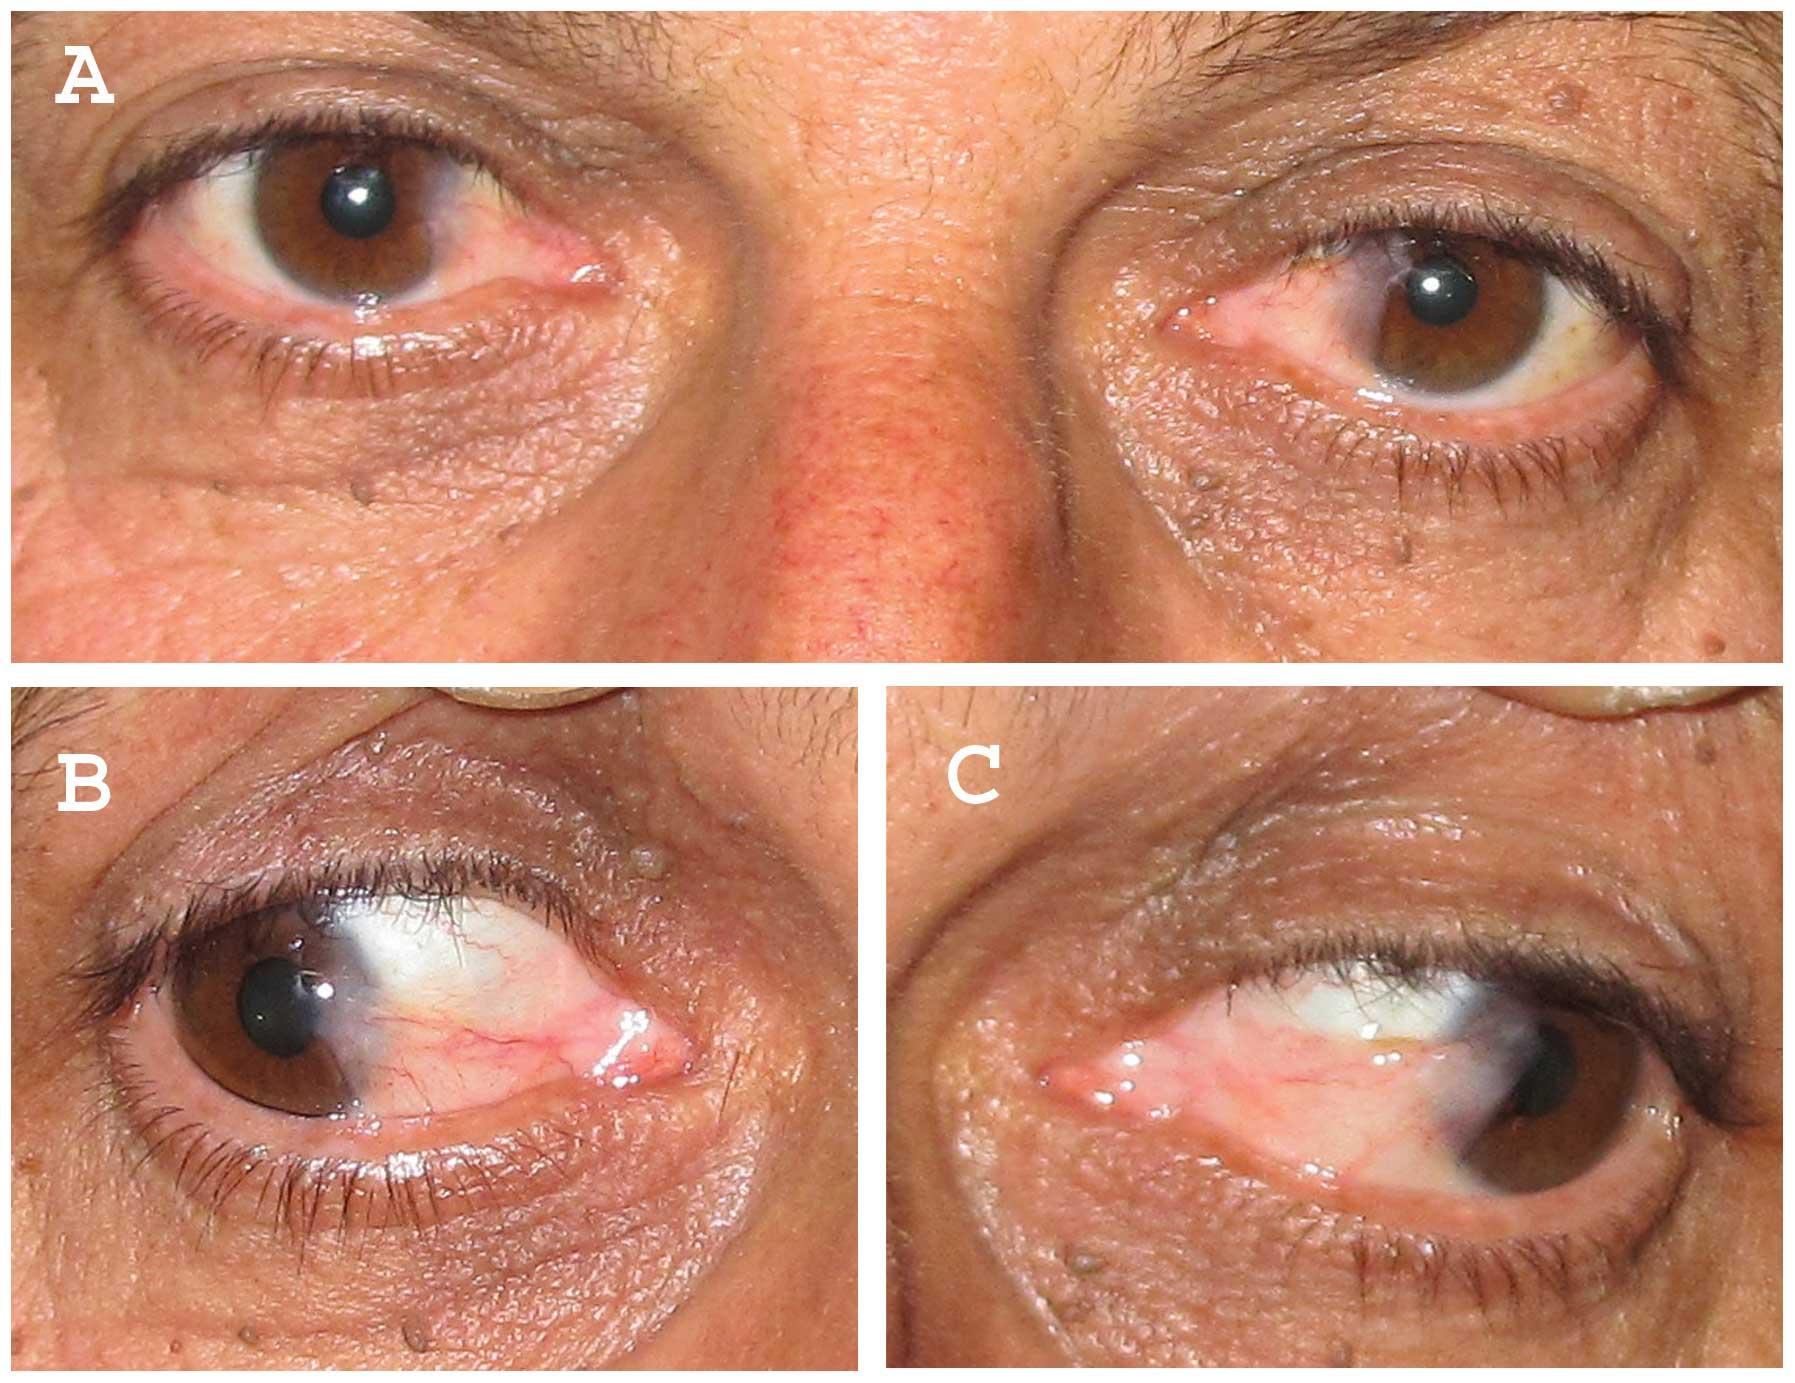 hpv eye symptoms